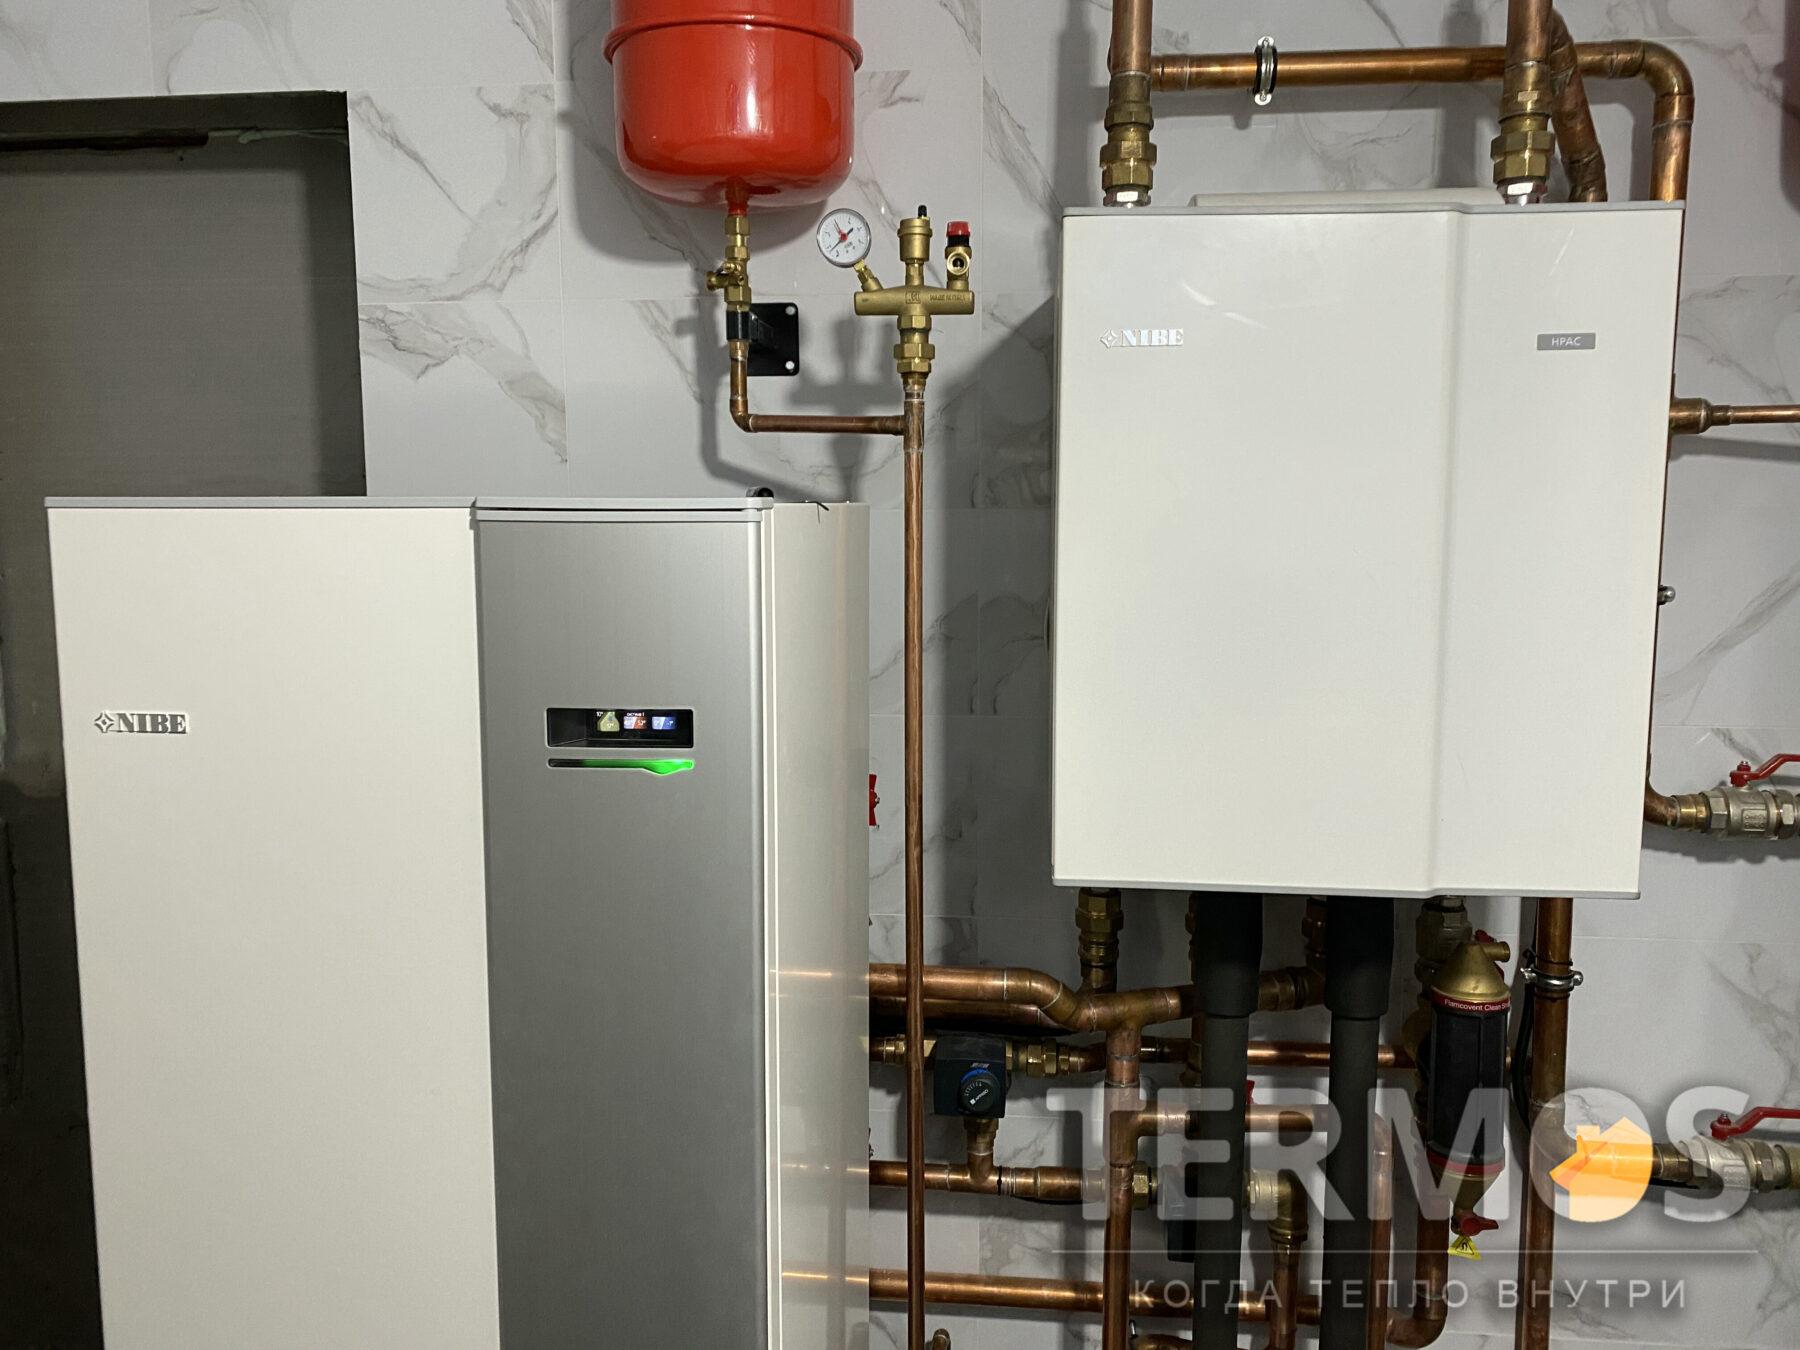 Гідравлічний модуль HPAC NIBE забезпечує режим пасивного / активного охолодження.